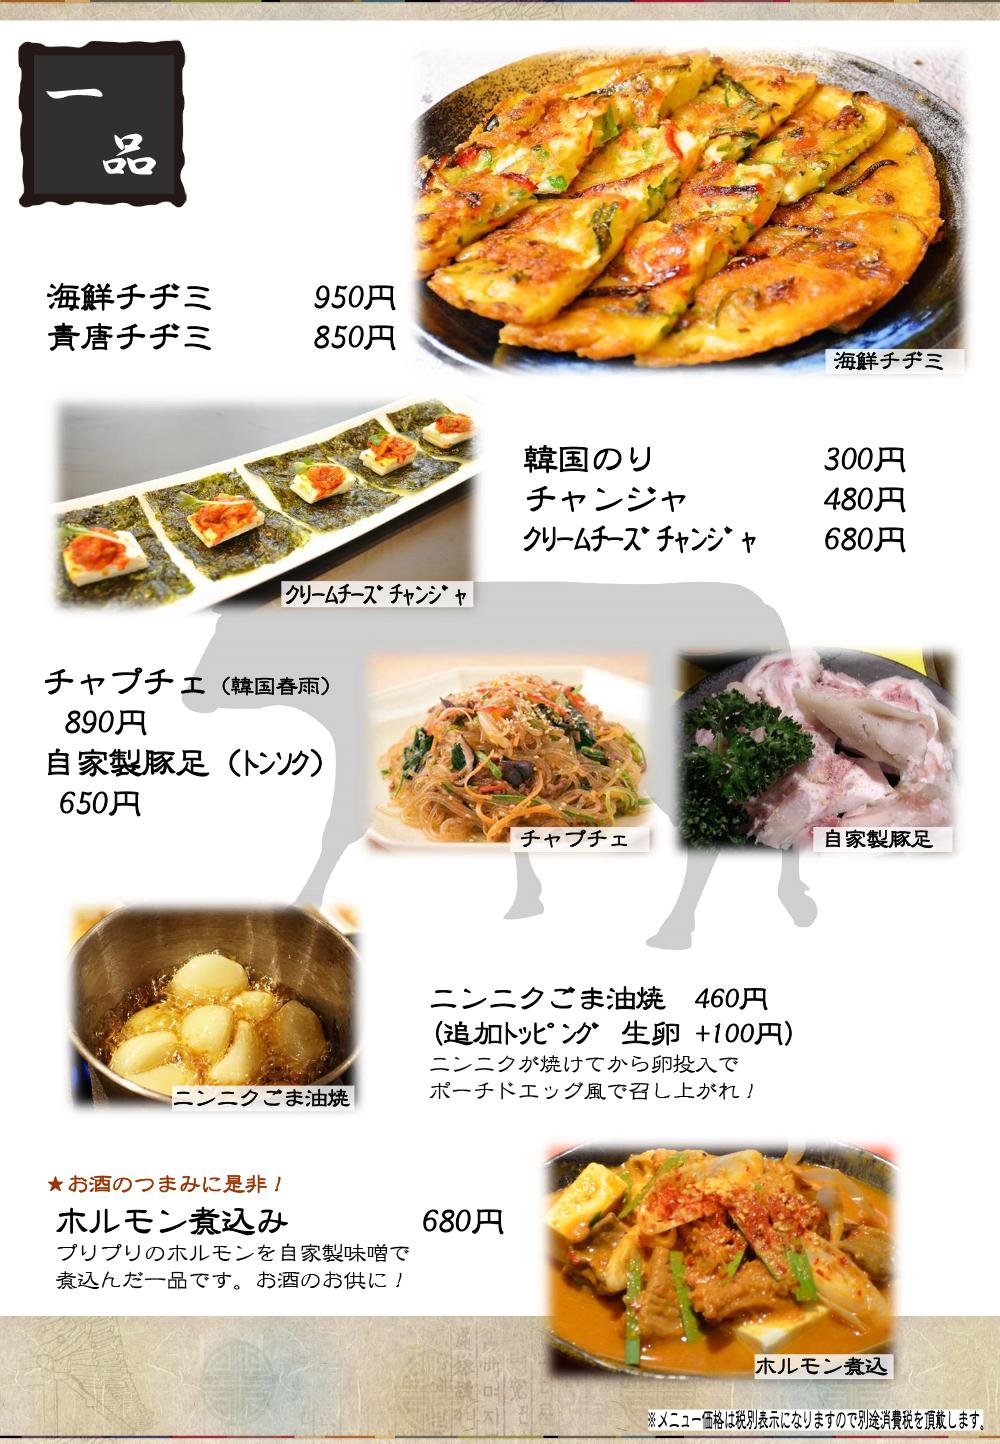 浦安店 一品料理メニュー1